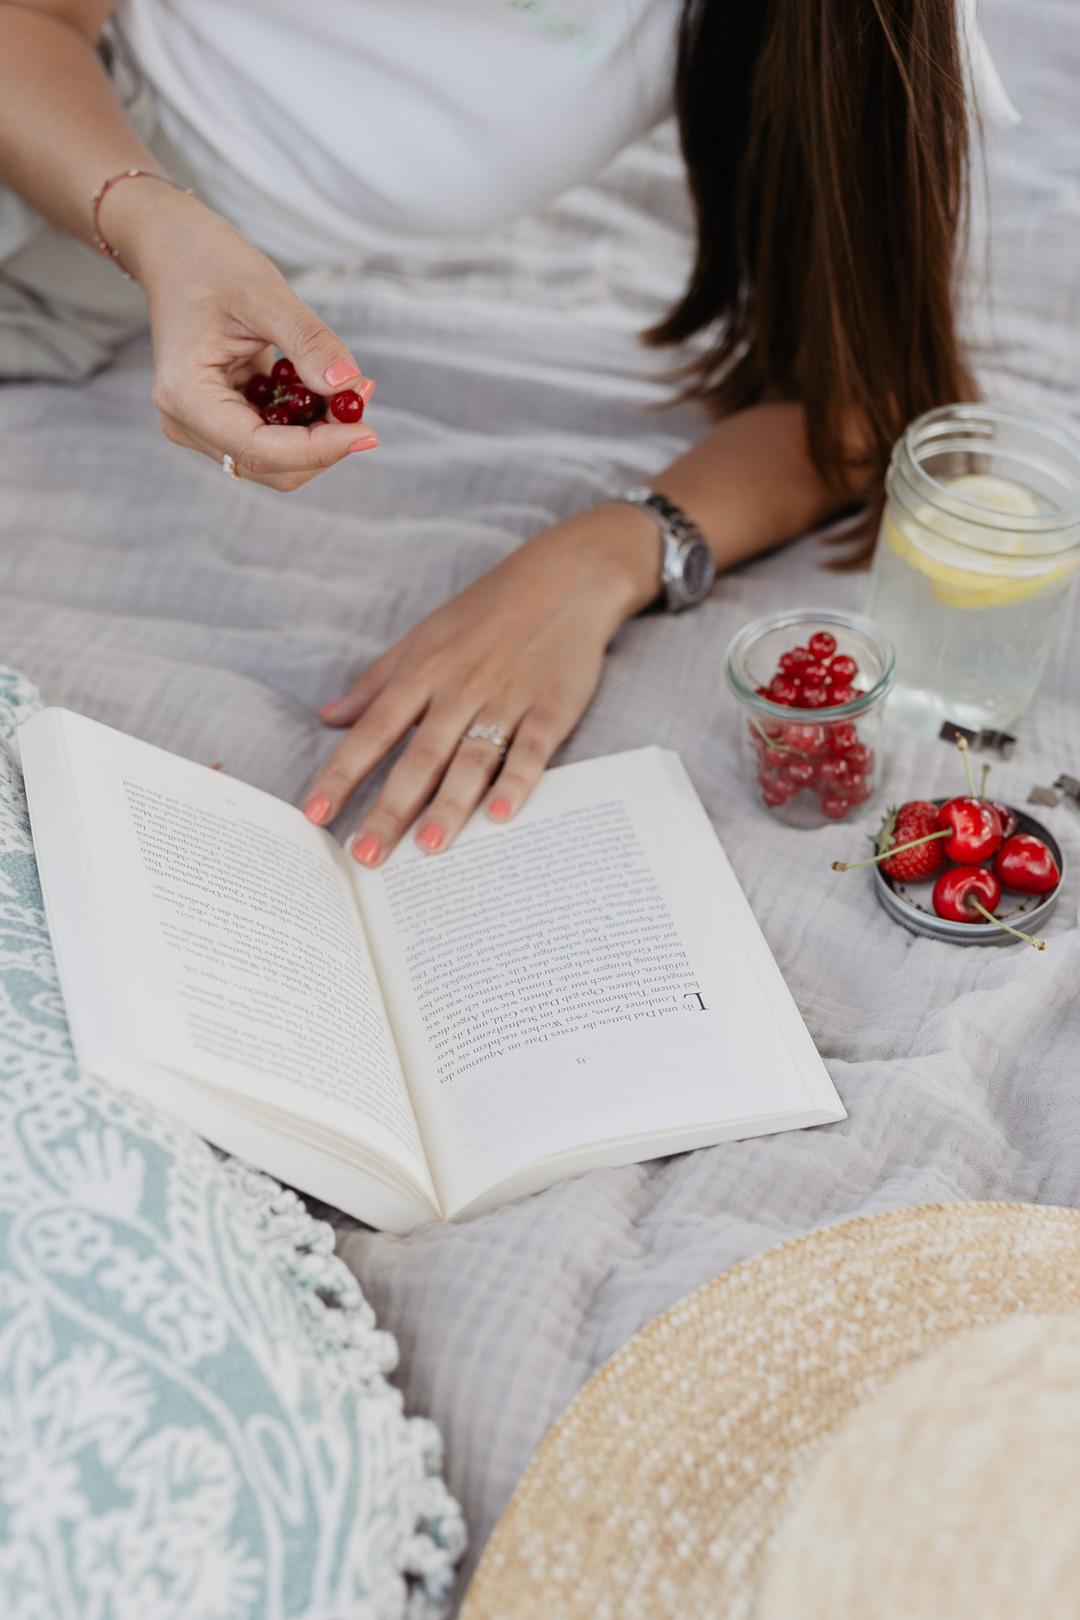 Buchempfehlungen: Diese 9 Bücher musst du unbedingt lesen - Pieces of Mariposa